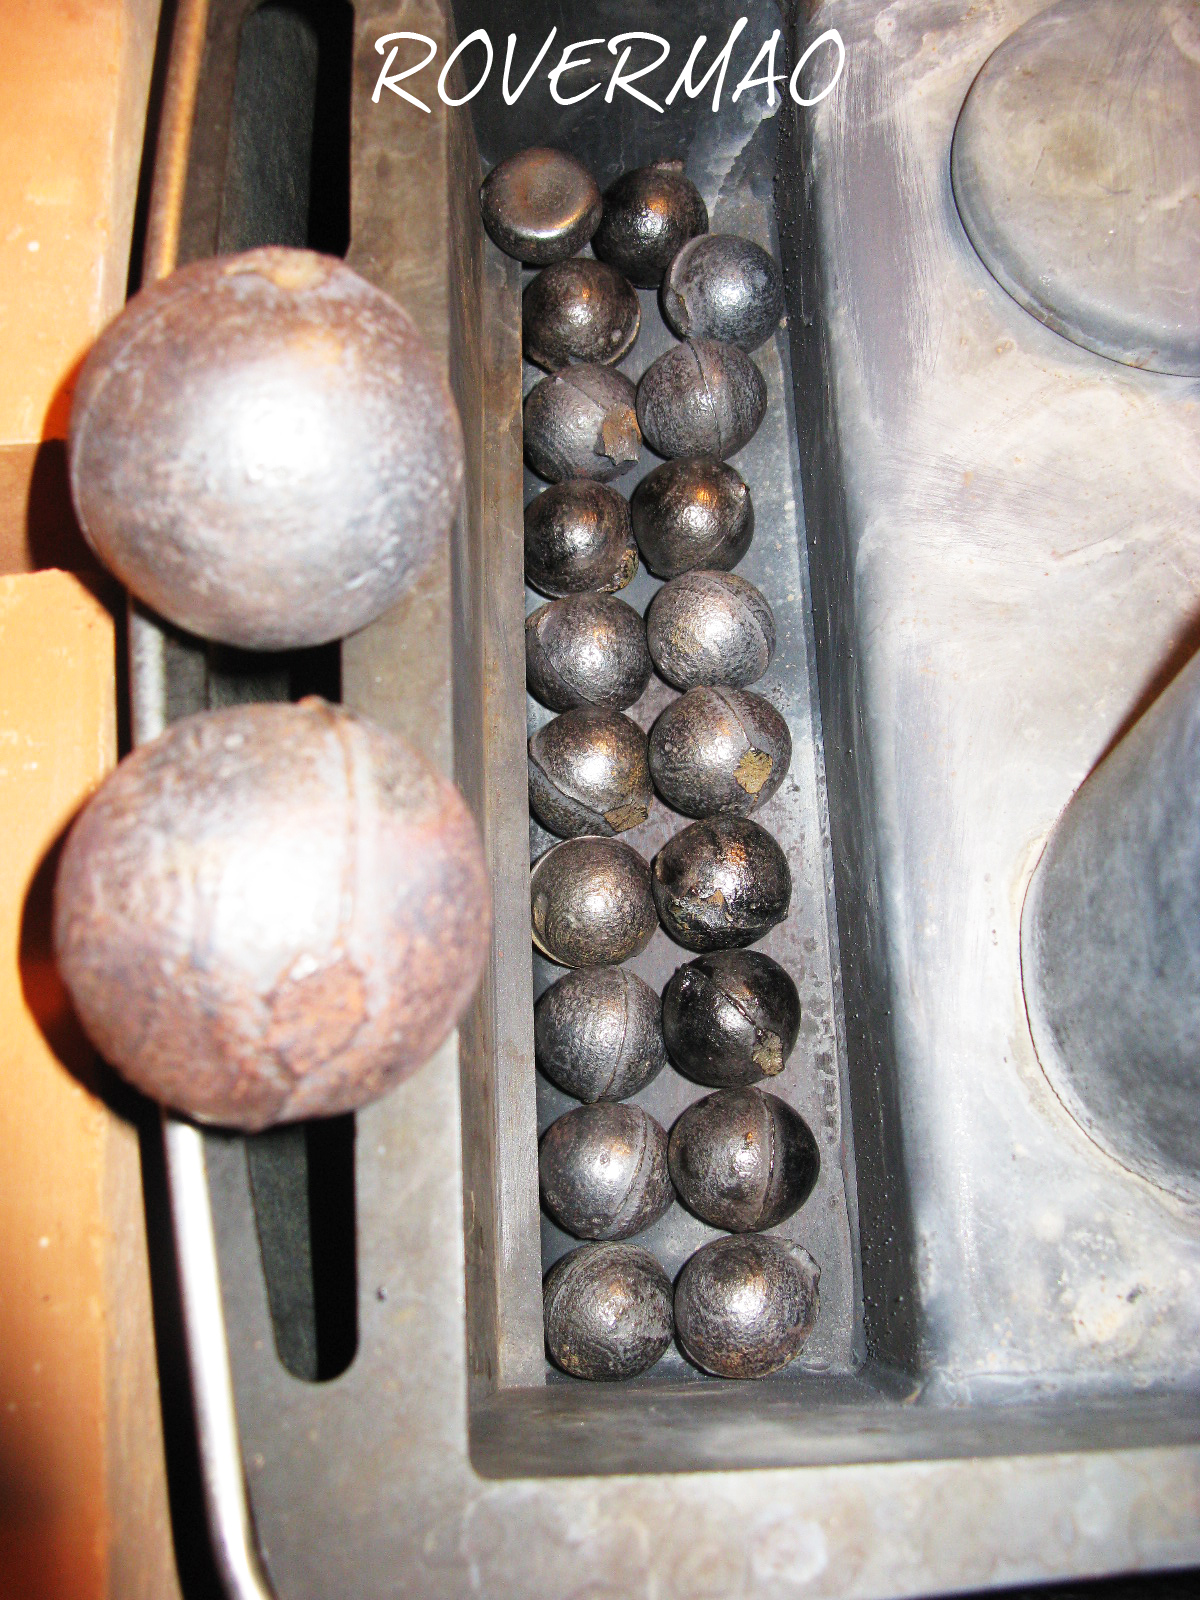 10 начало закладки шаров в печной бункер